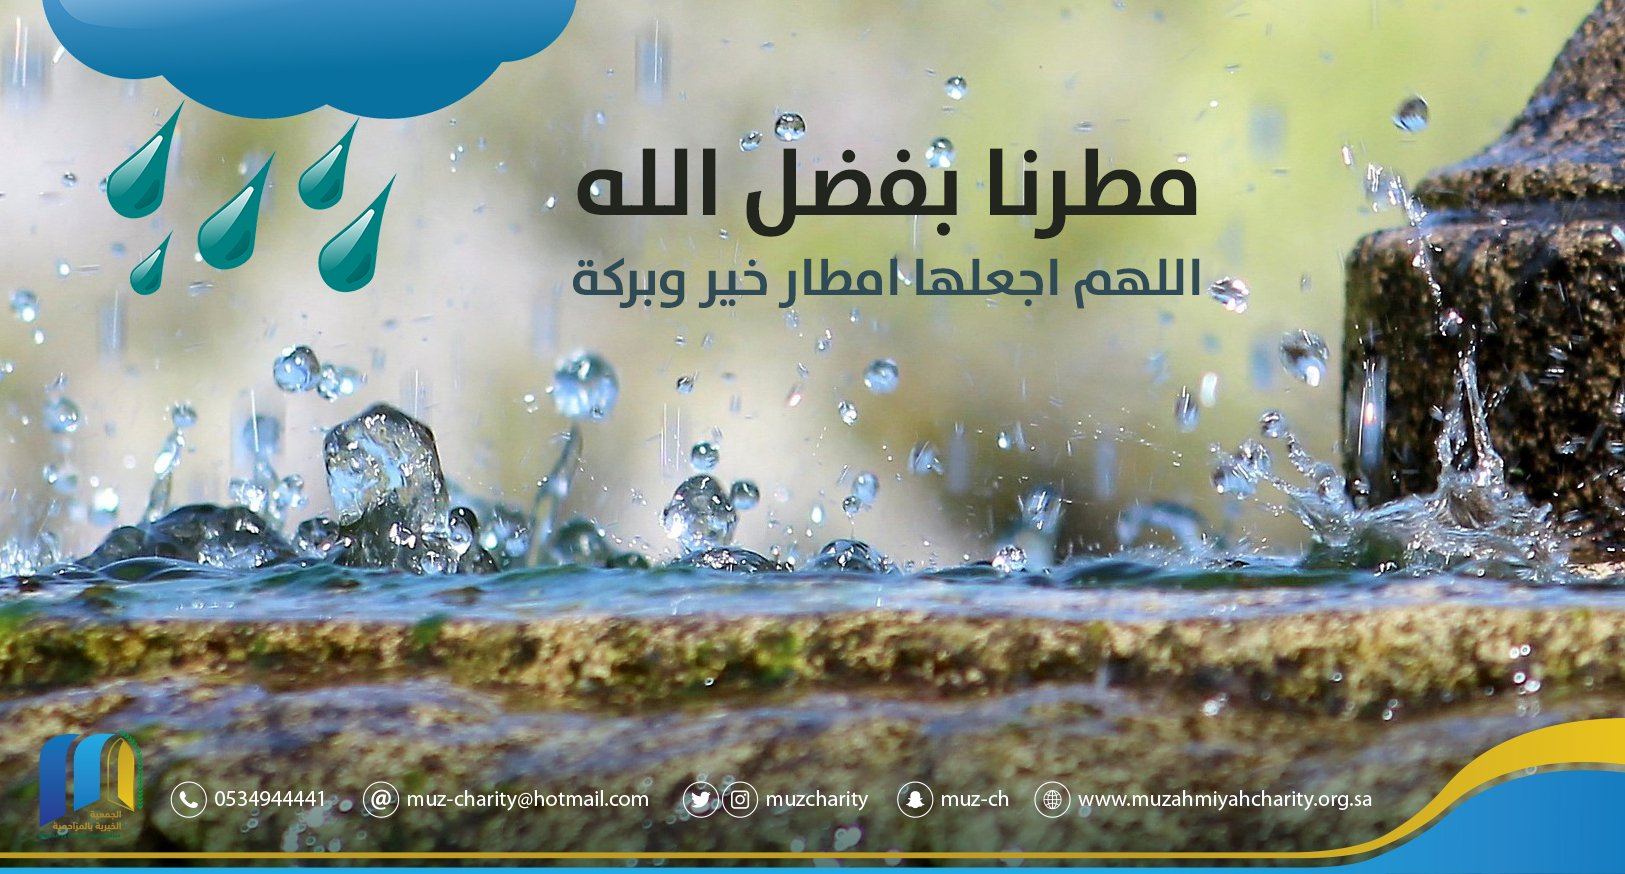 مطرنا بفضل الله ورحمته اللهم اجعله صيبا نافعا